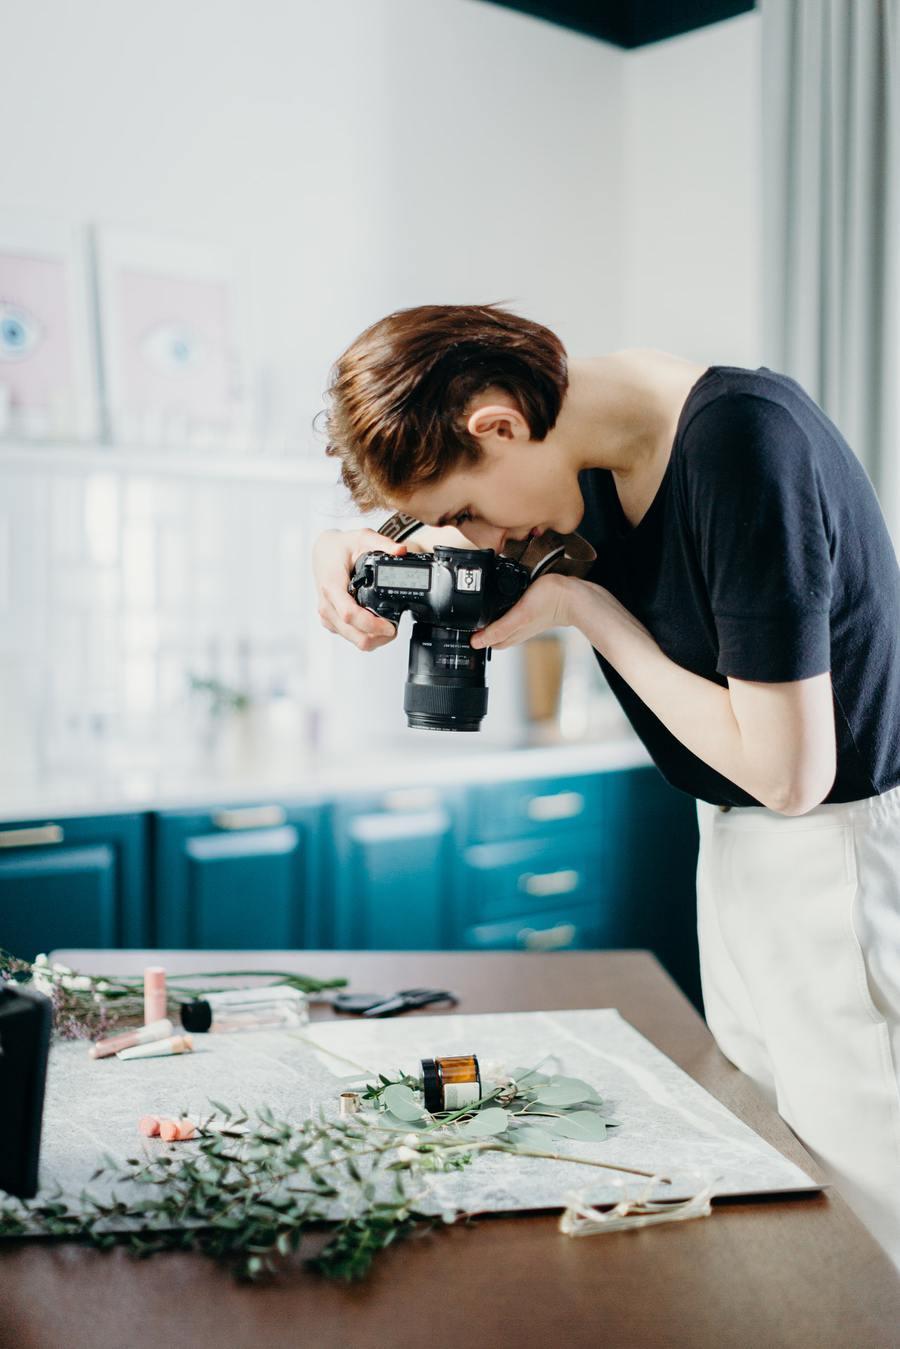 Kobieta w czarnej koszuli robiąca zdjęcia produktów w aranżacji z roślinami – z góry